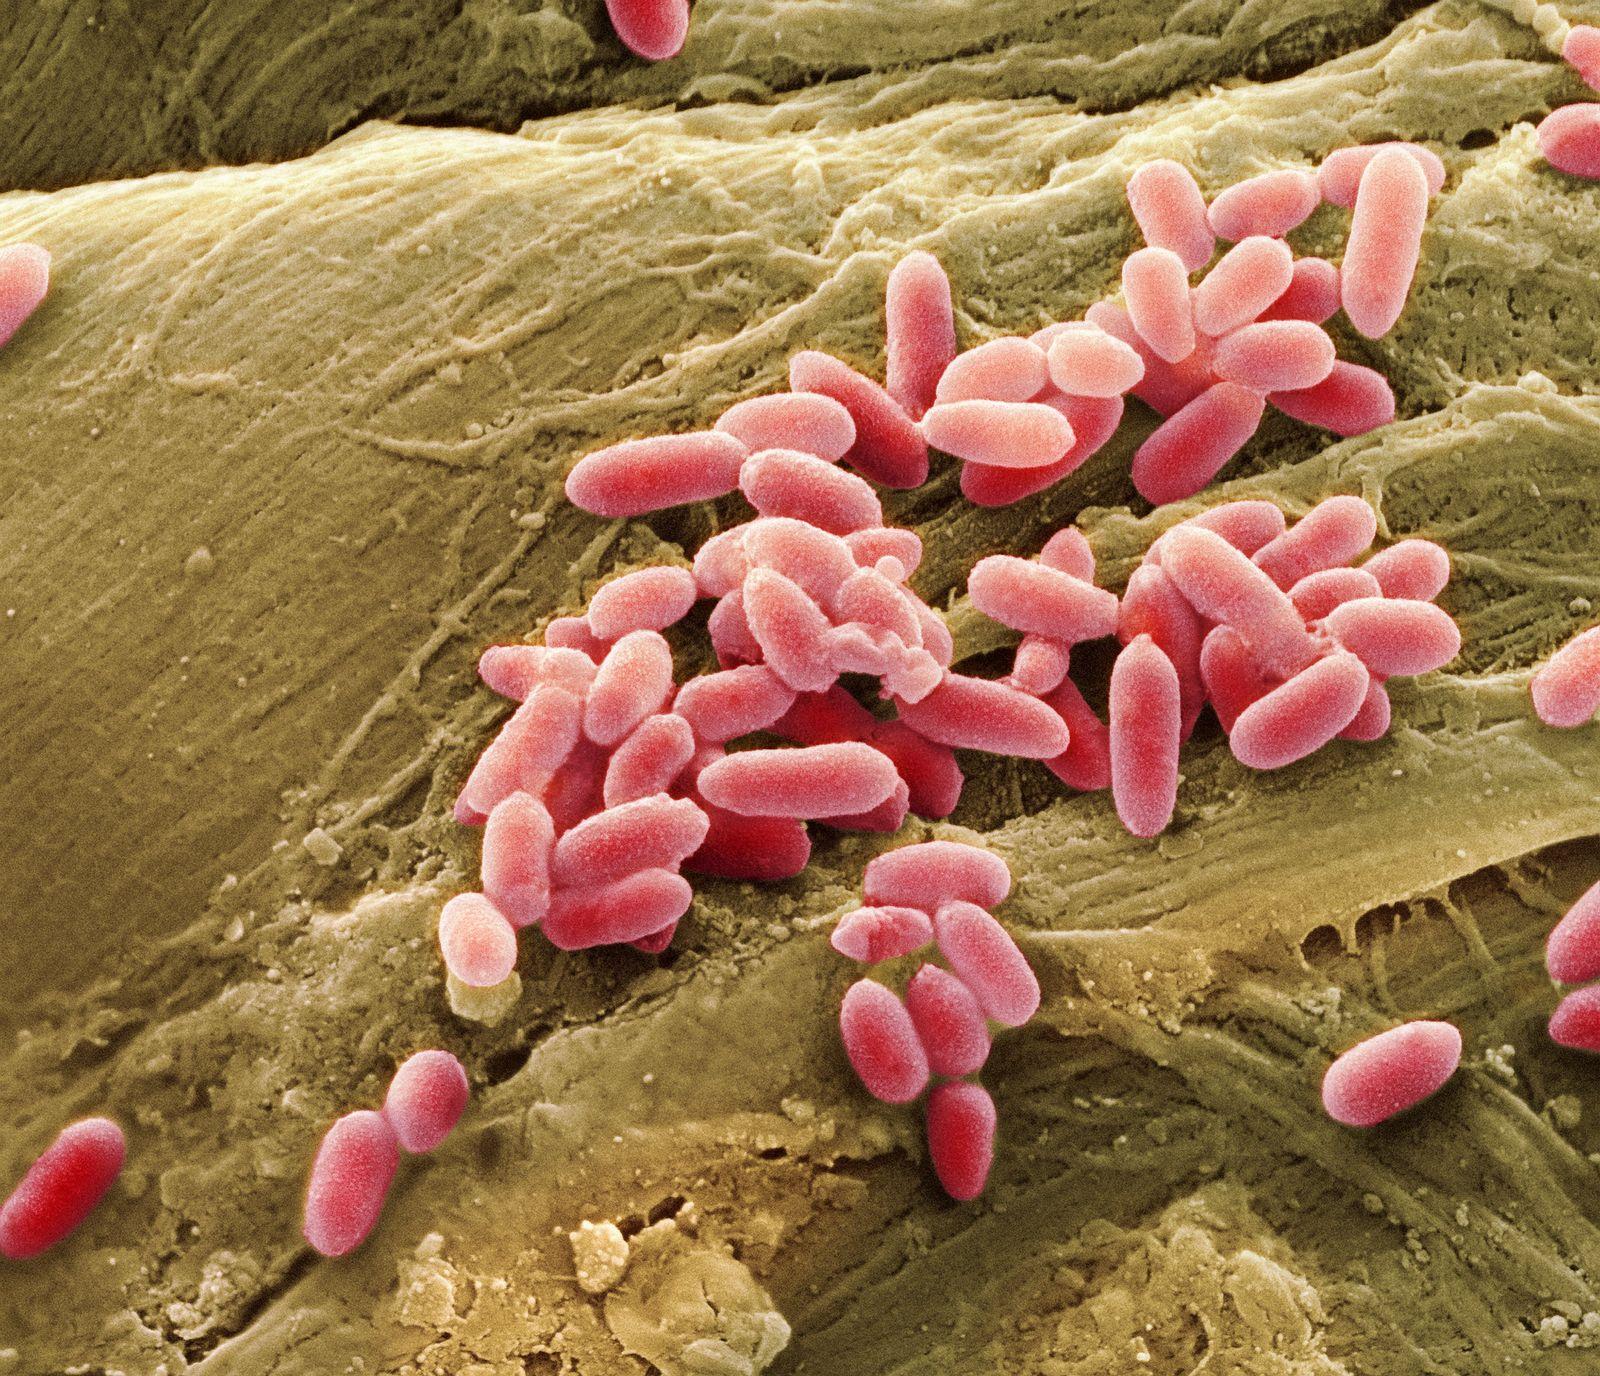 NICHT MEHR VERWENDEN! - Bakterien/ Pseudomonas aeruginosa